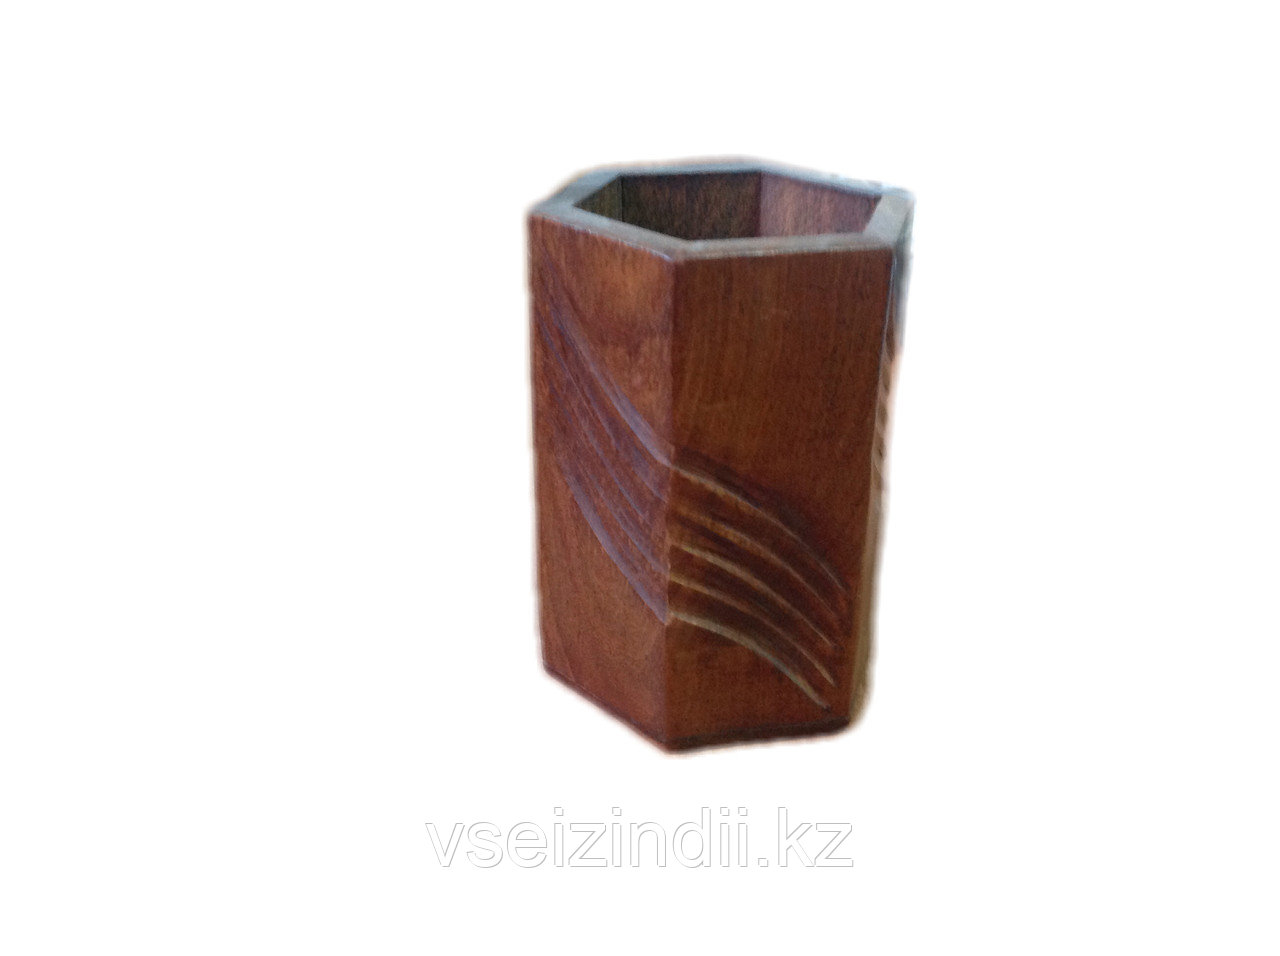 Подстаканник деревянный